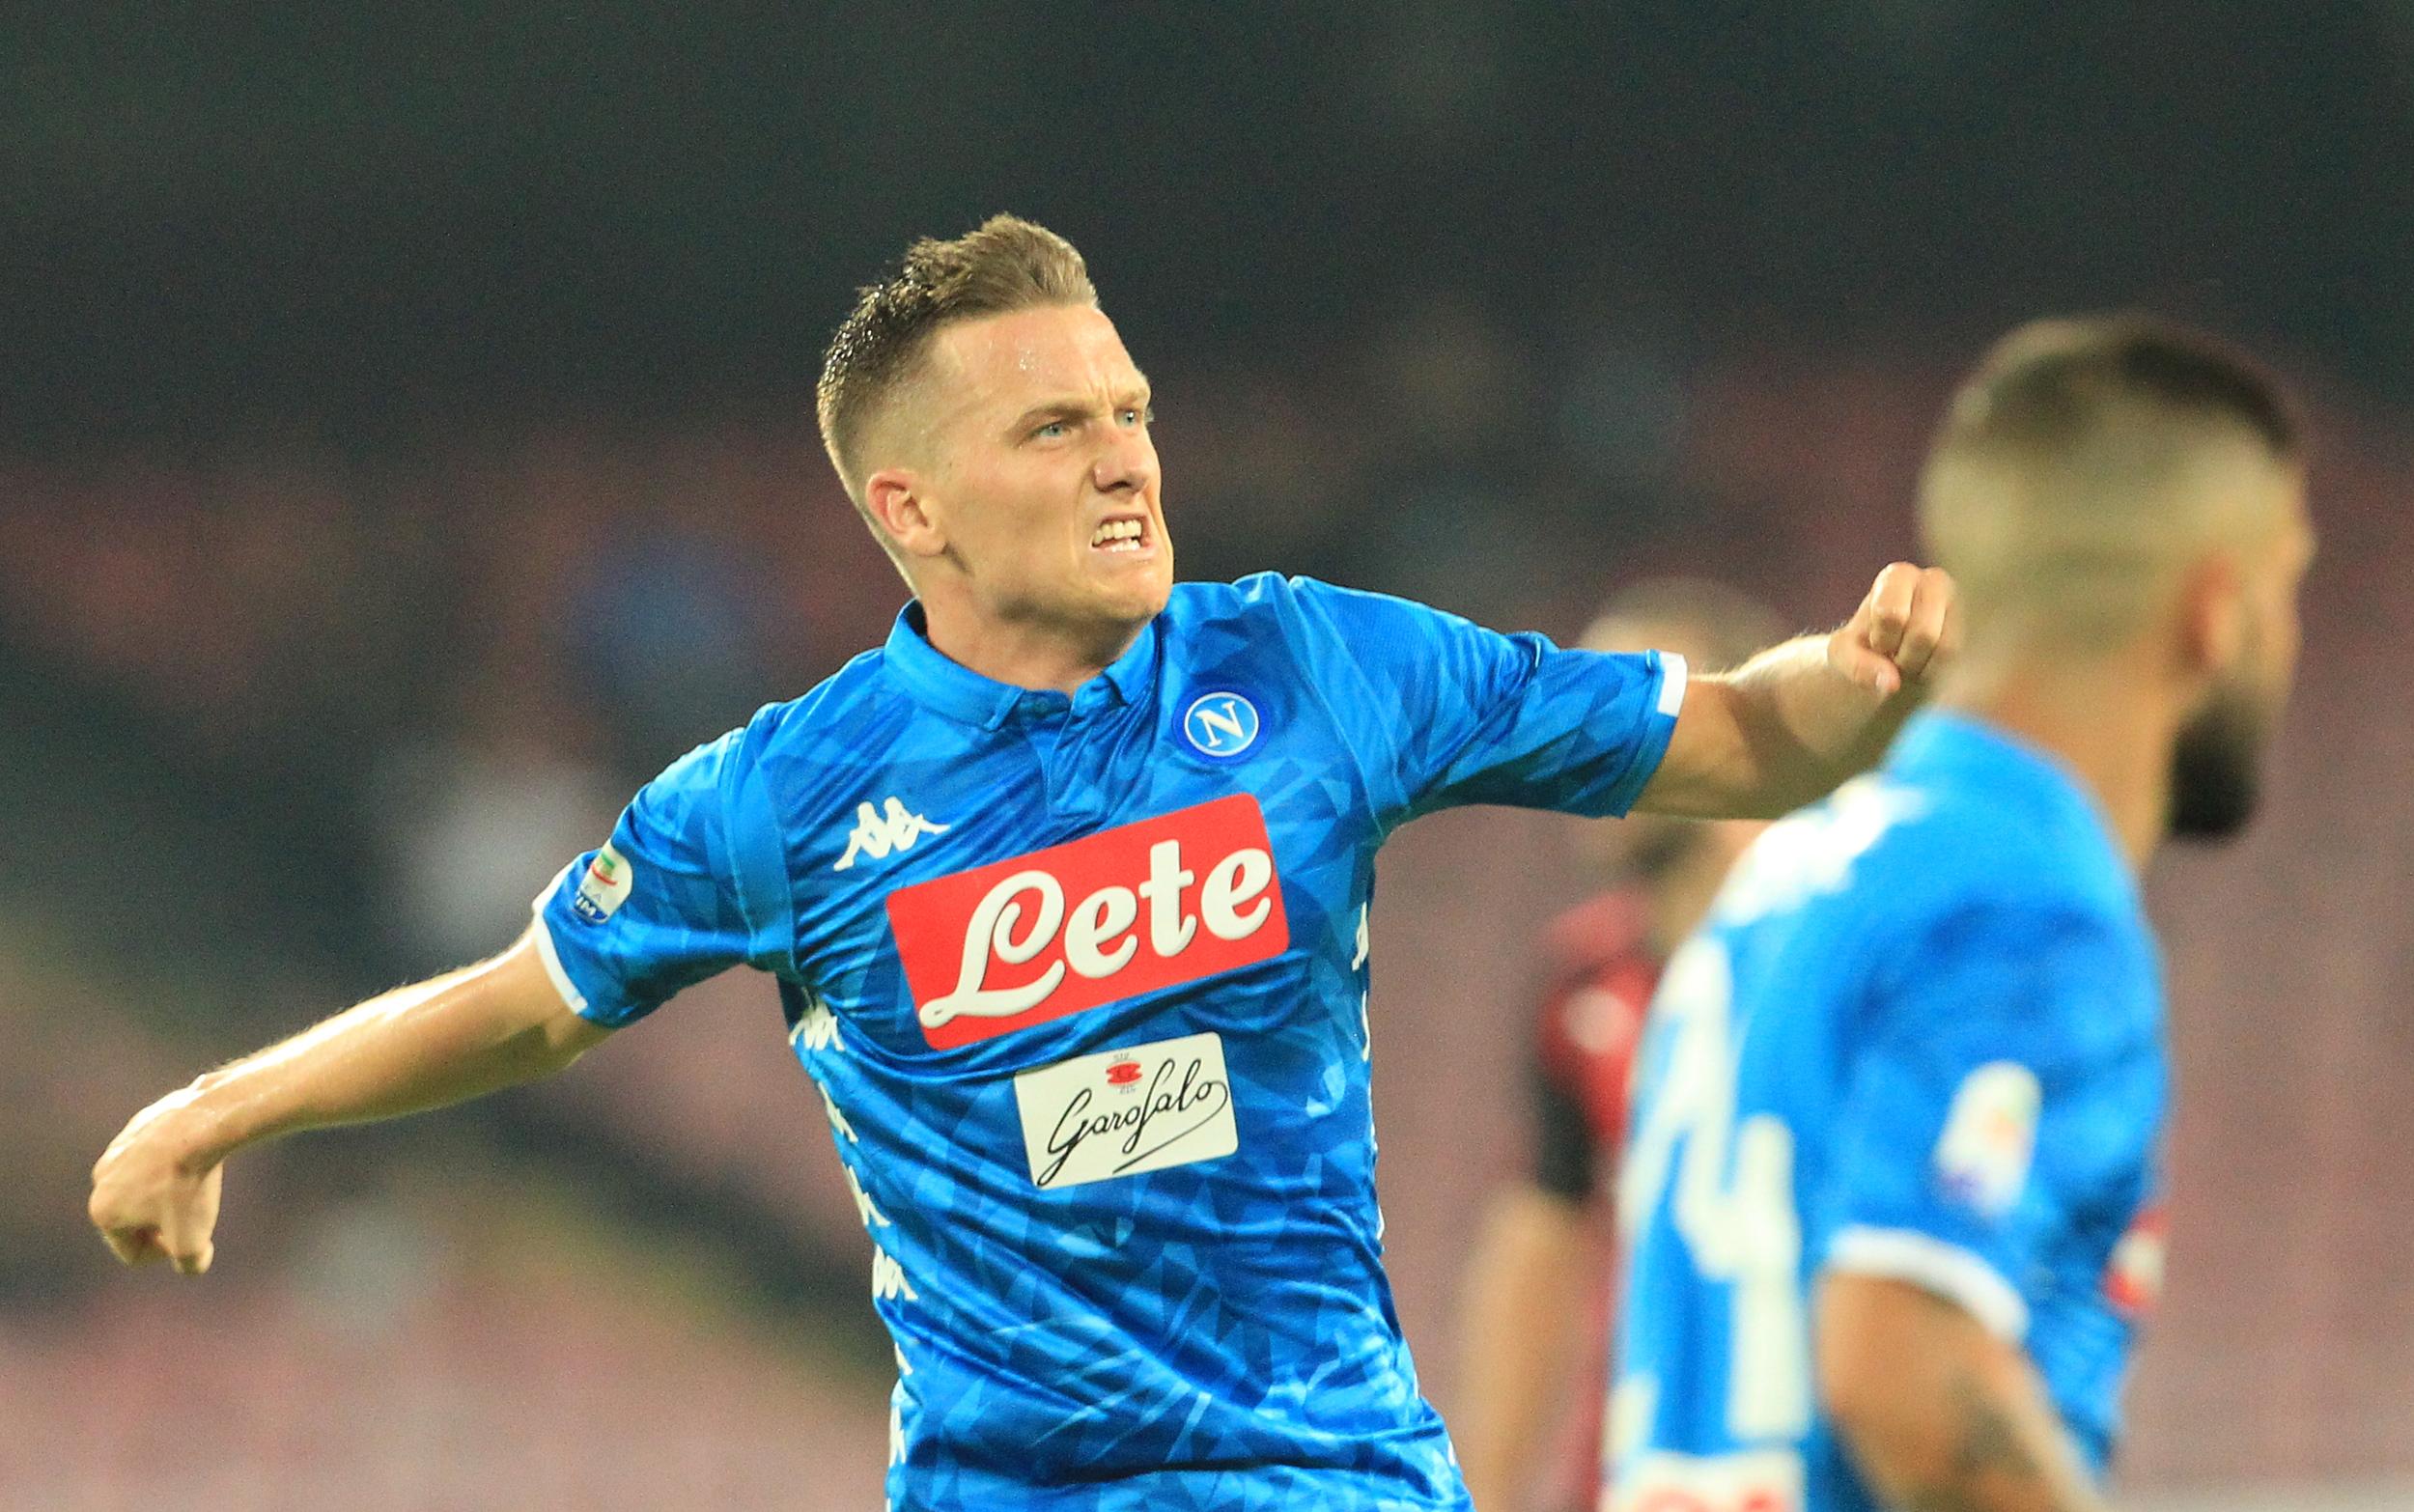 I due gol di Zielinski: l'azione tipica del Napoli e il profumo dell'Atalanta